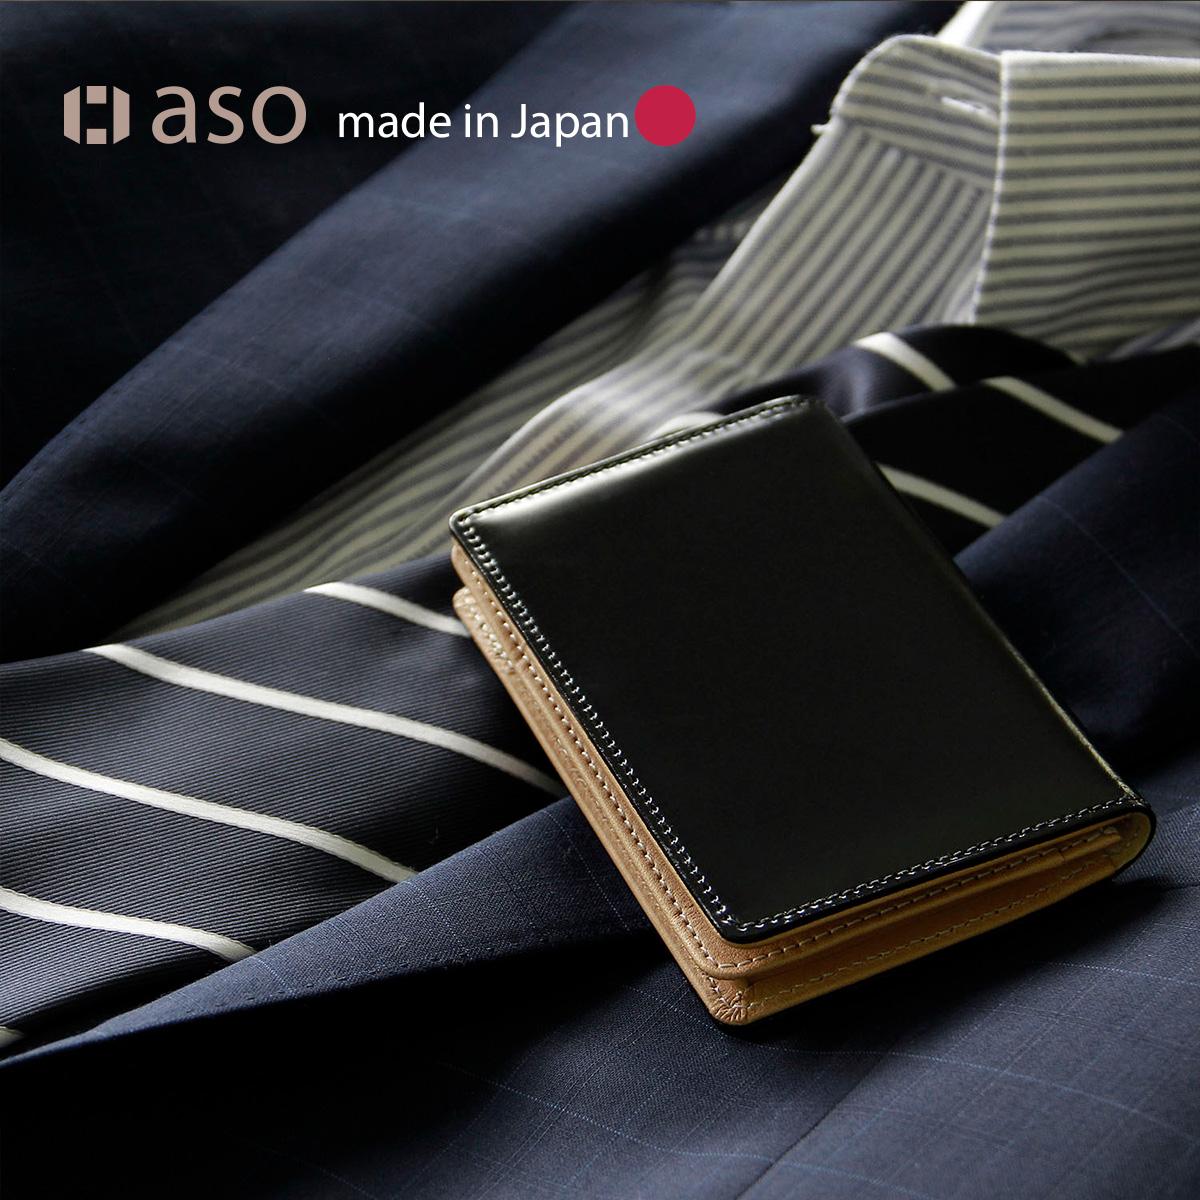 [アソボーゼ]名刺入れ メンズ レディース コードバン マチあり 本革 日本製 ビジネス AV-G145(化粧箱付)